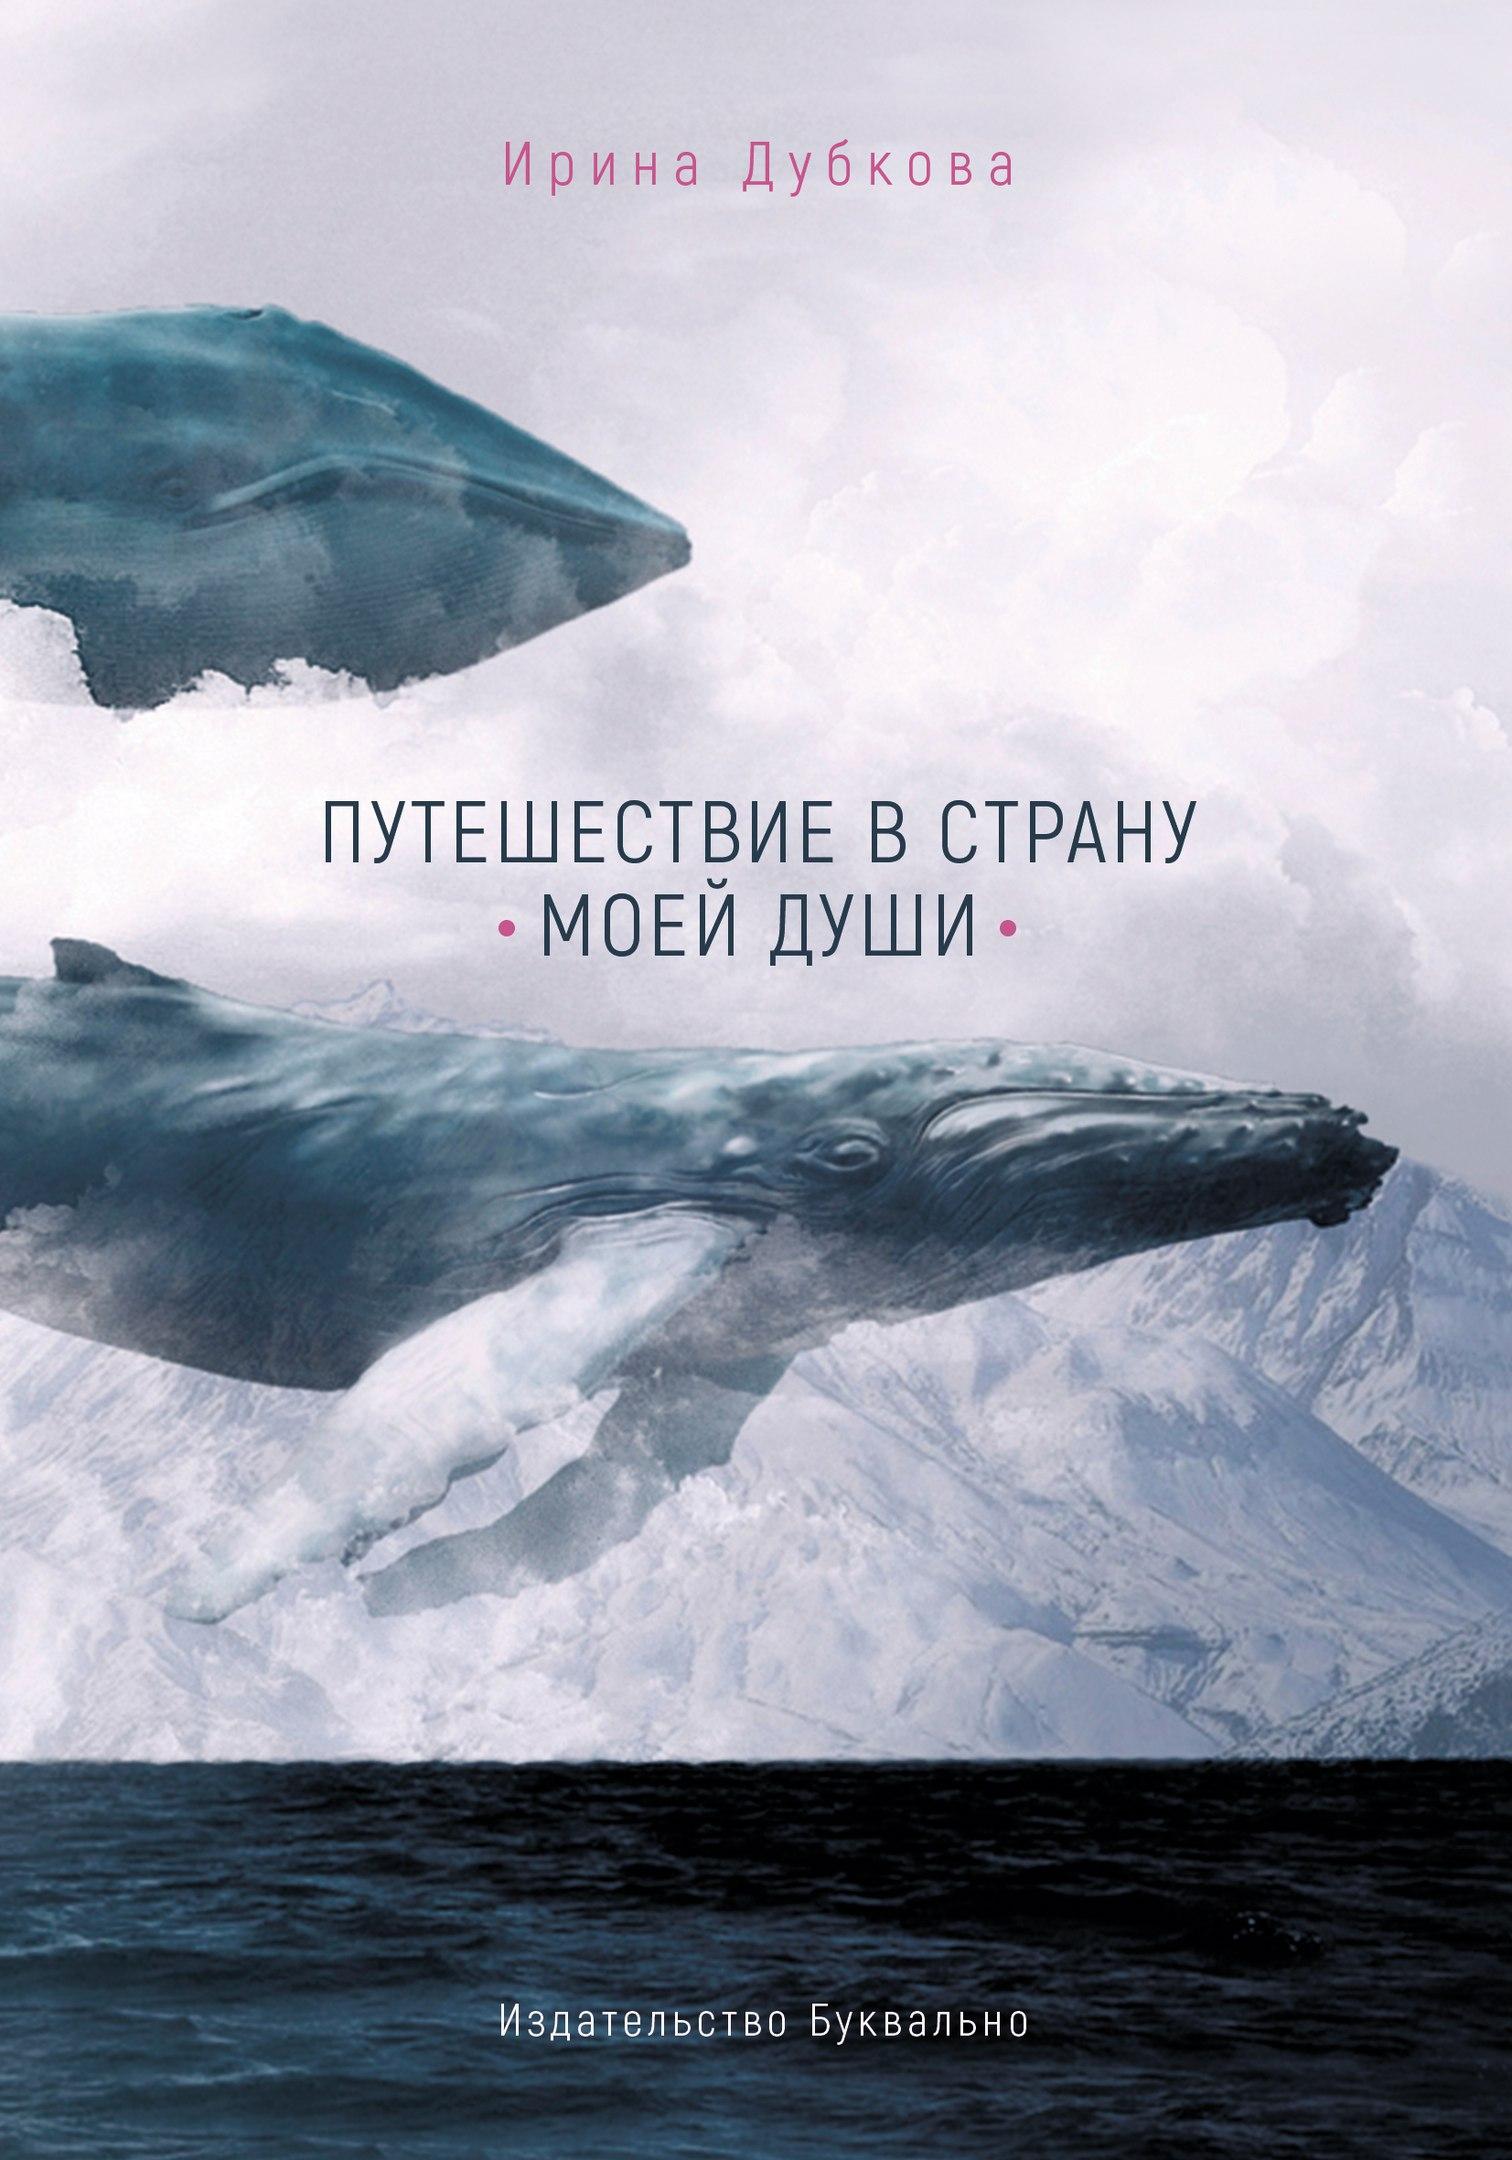 купить Ирина Дубкова Путешествие в страну моей души недорого